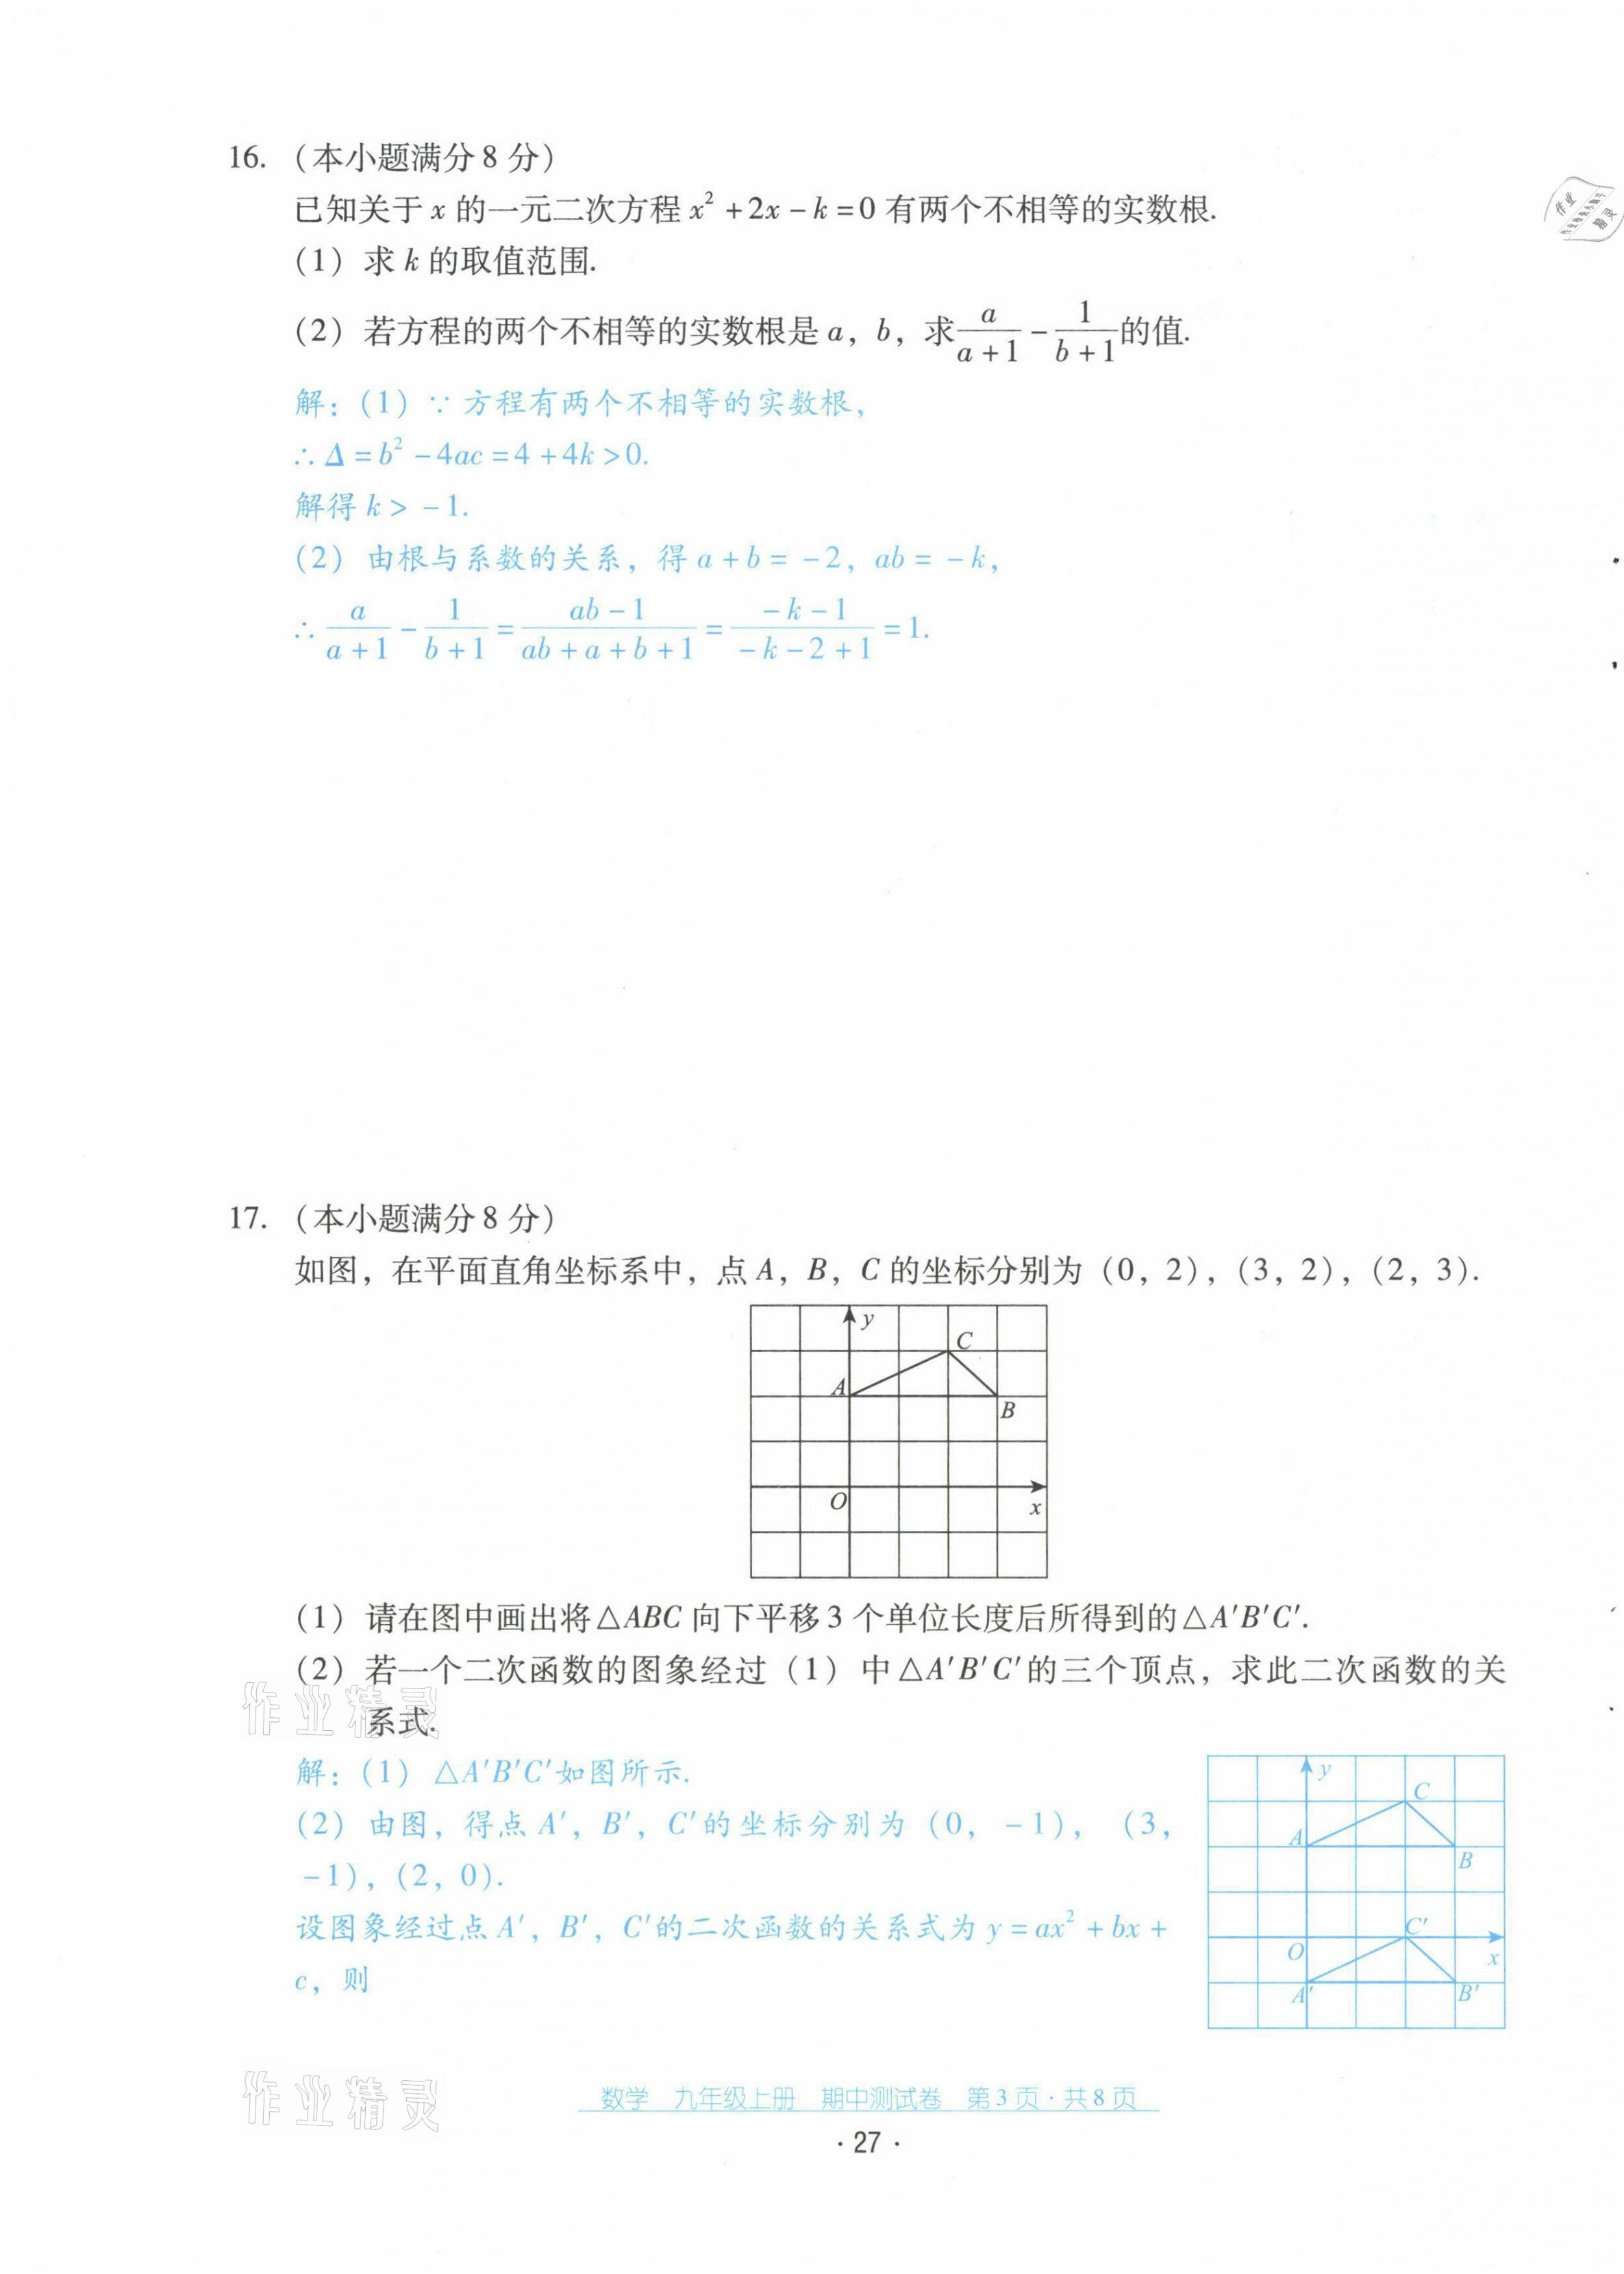 2021年云南省标准教辅优佳学案配套测试卷九年级数学上册人教版第27页